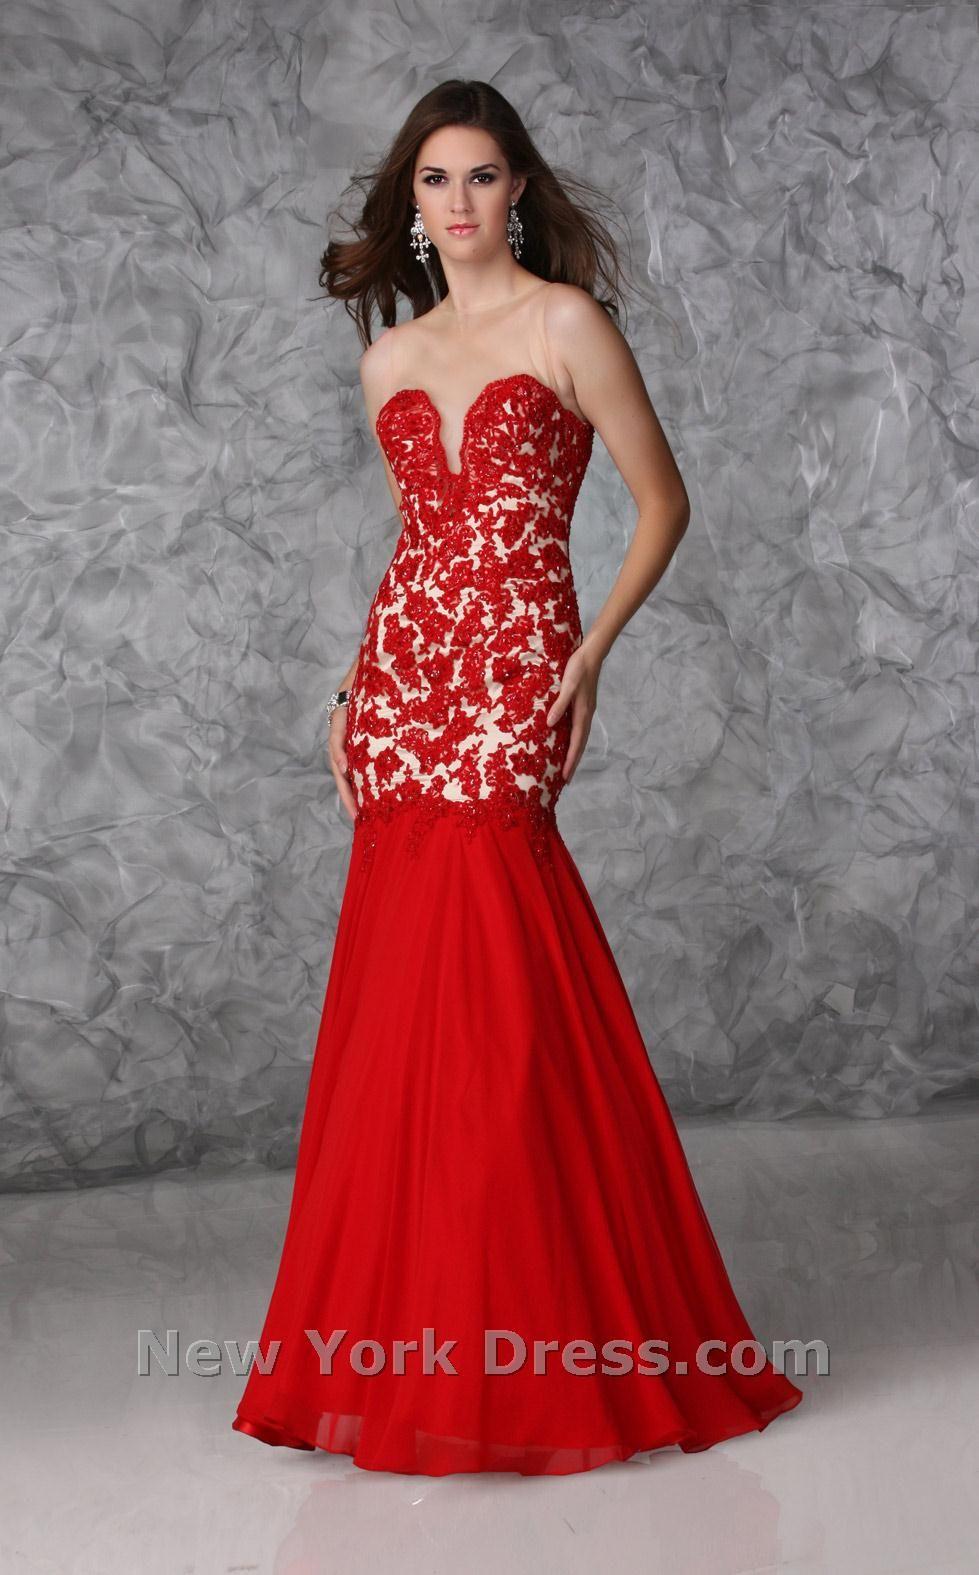 Lavishly embellished splitbodice formal with fluted skirt by